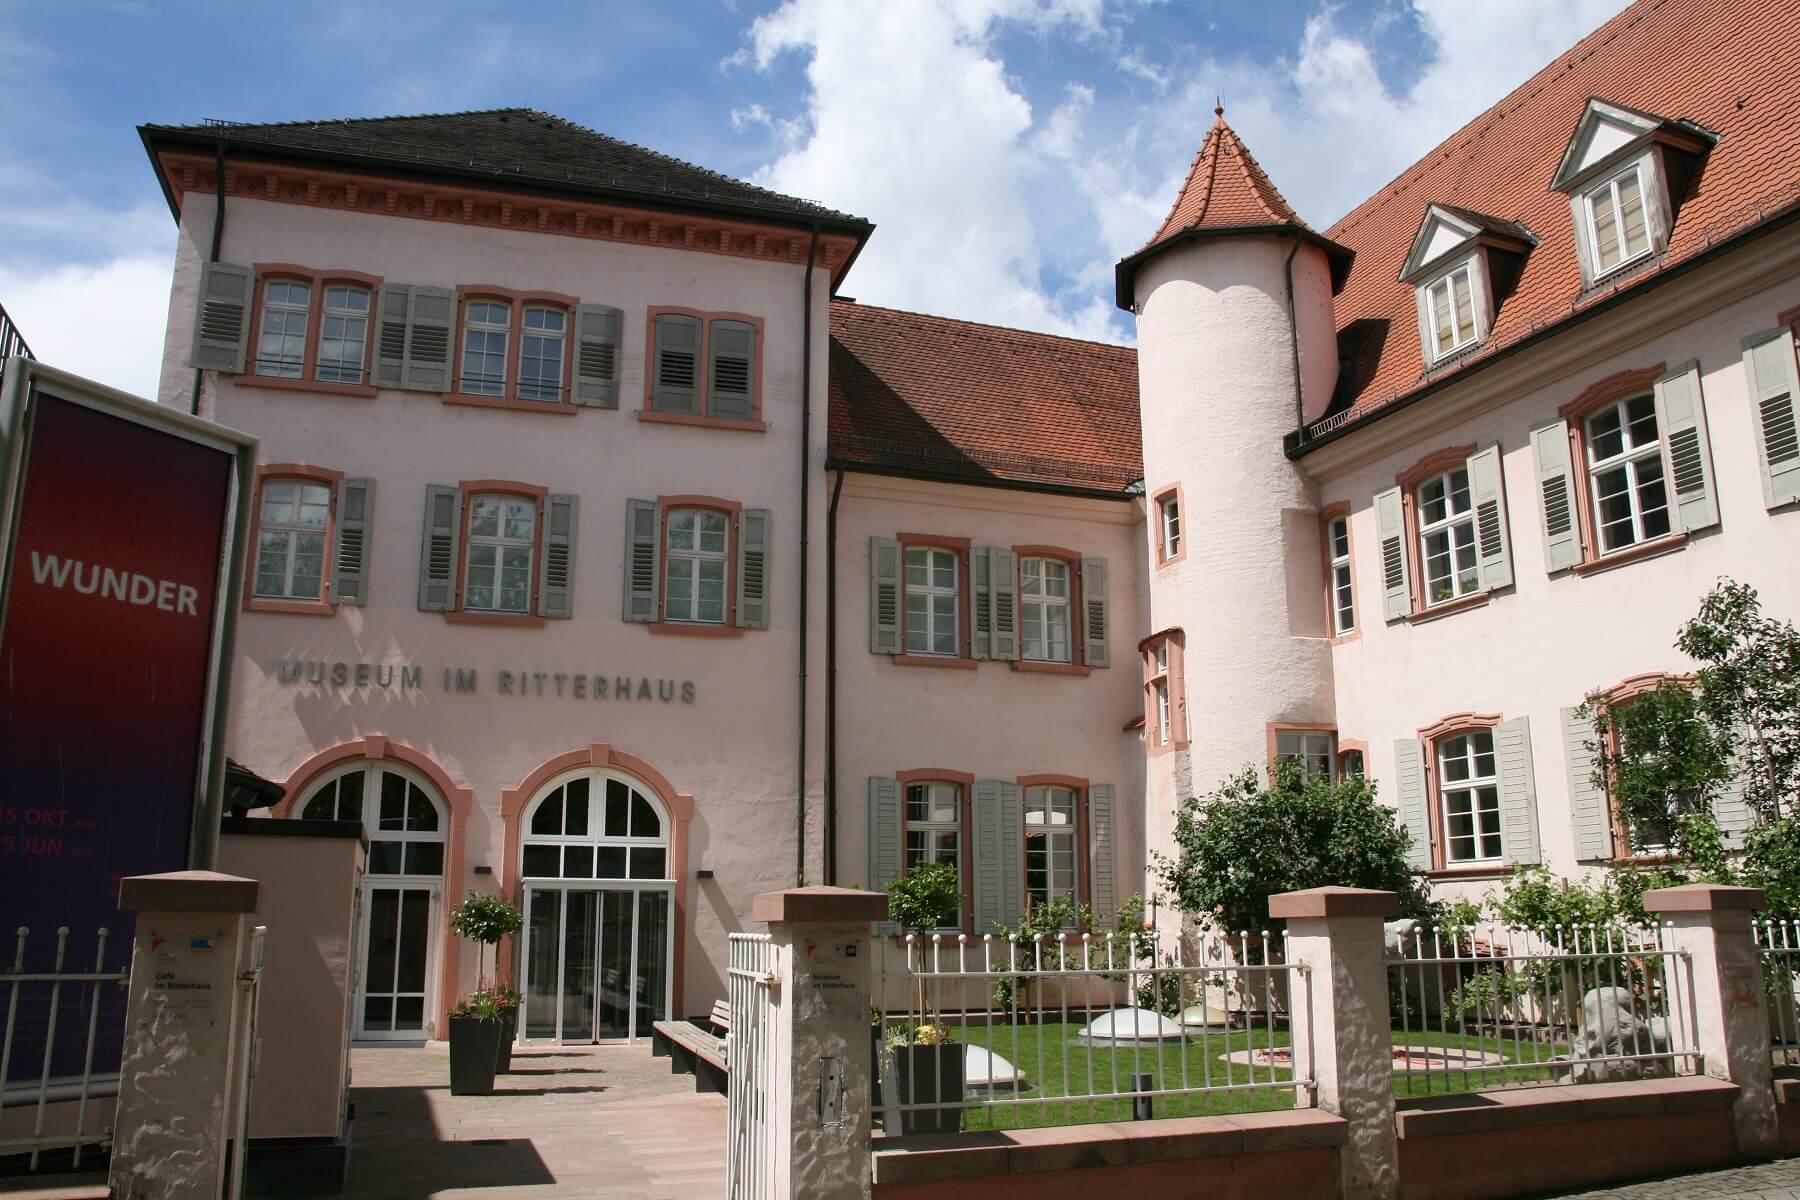 Schwarzwälder Städtchen: Museum im Ritterhaus Offenburg